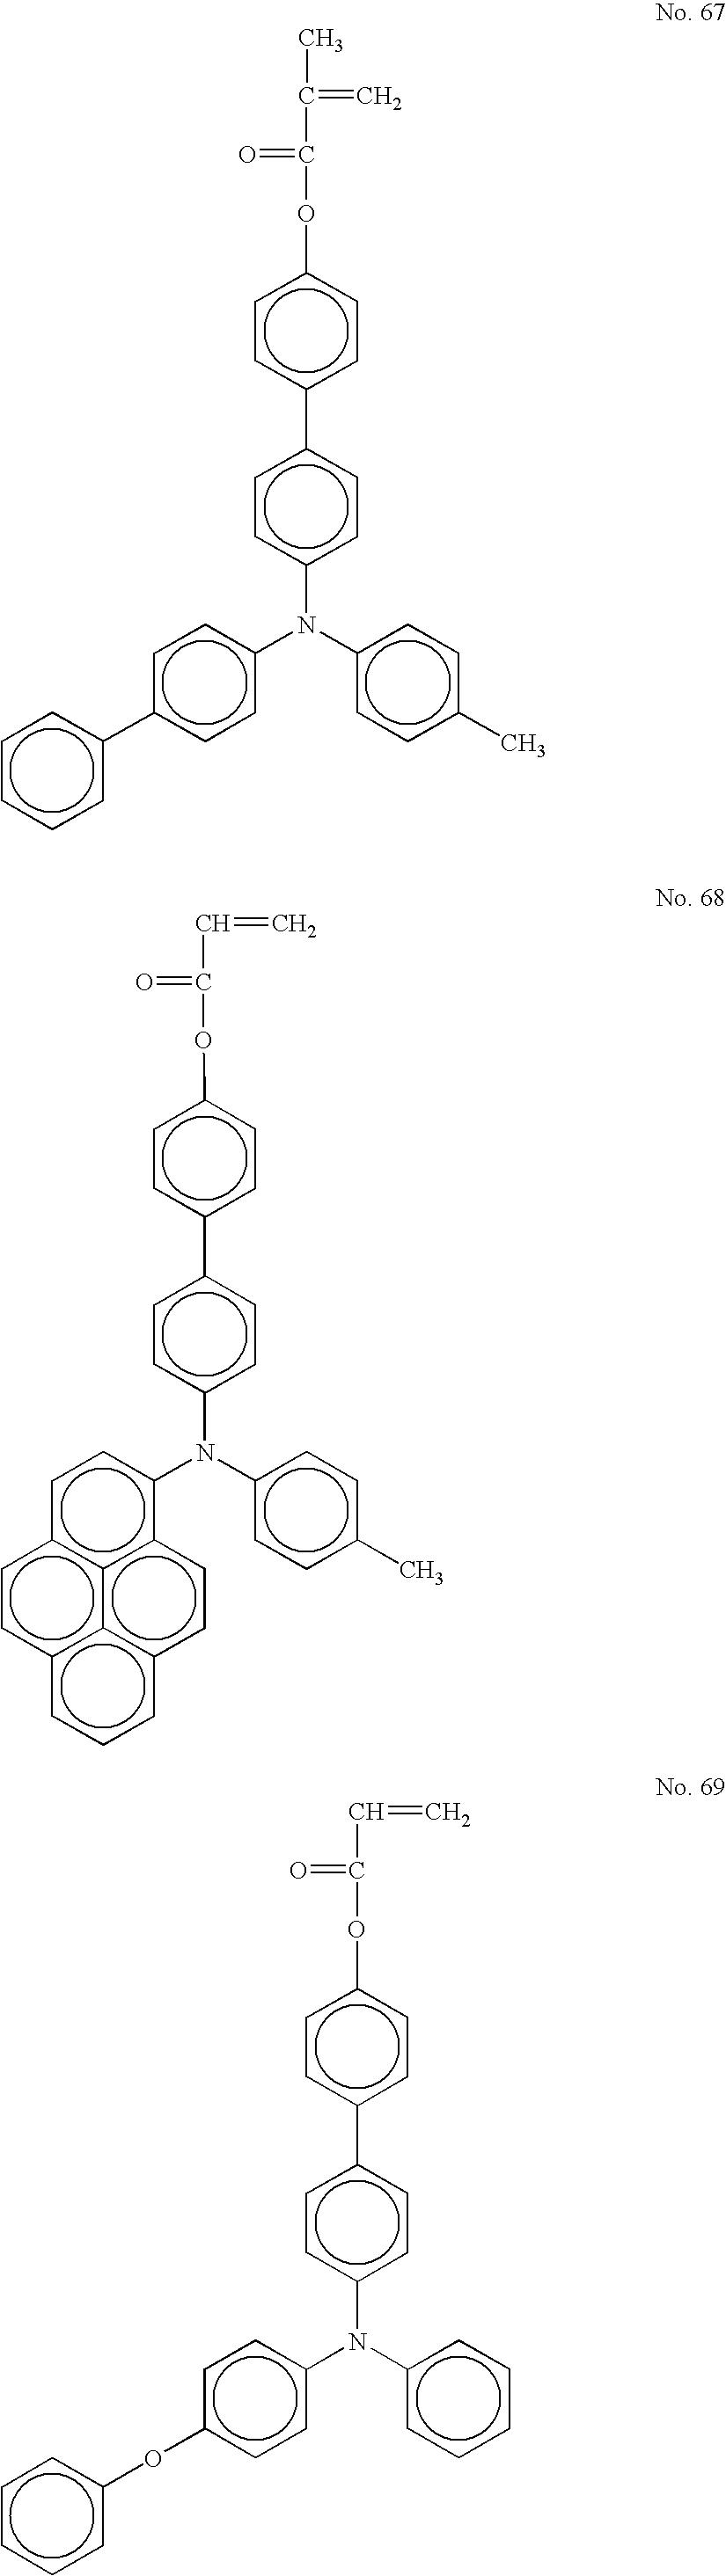 Figure US07175957-20070213-C00034